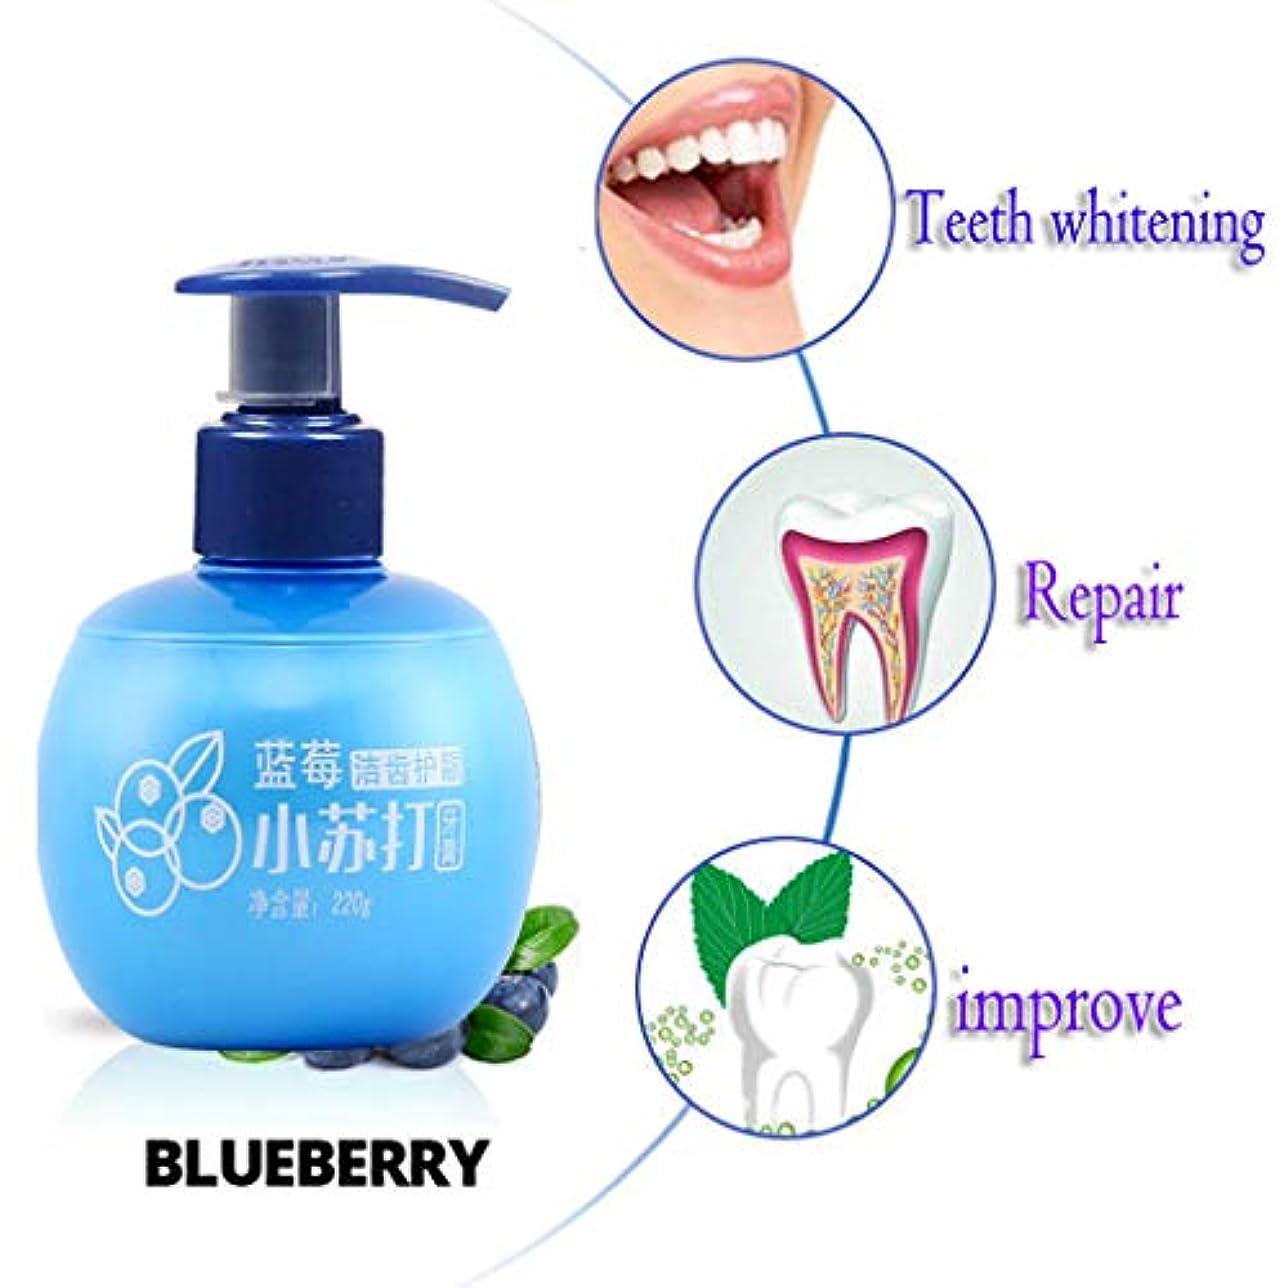 フォアタイプペストリードライ歯磨き粉を白くする強い除染 歯茎出血性歯磨き粉に対して[味 パッションフルーツ ブルーベリー ]新鮮な息 虫歯を防ぐ 歯と歯茎を強化する プッシュポンプヘッド (ブルー)